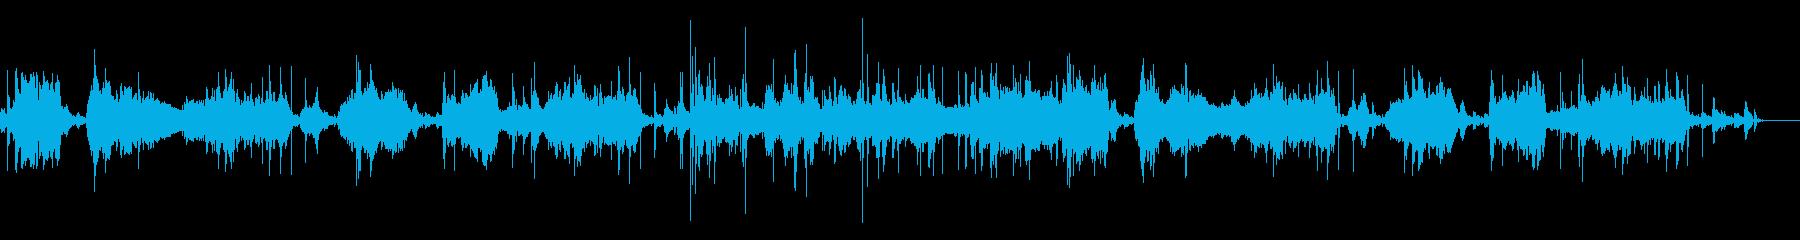 謎解きジャス音樂の再生済みの波形